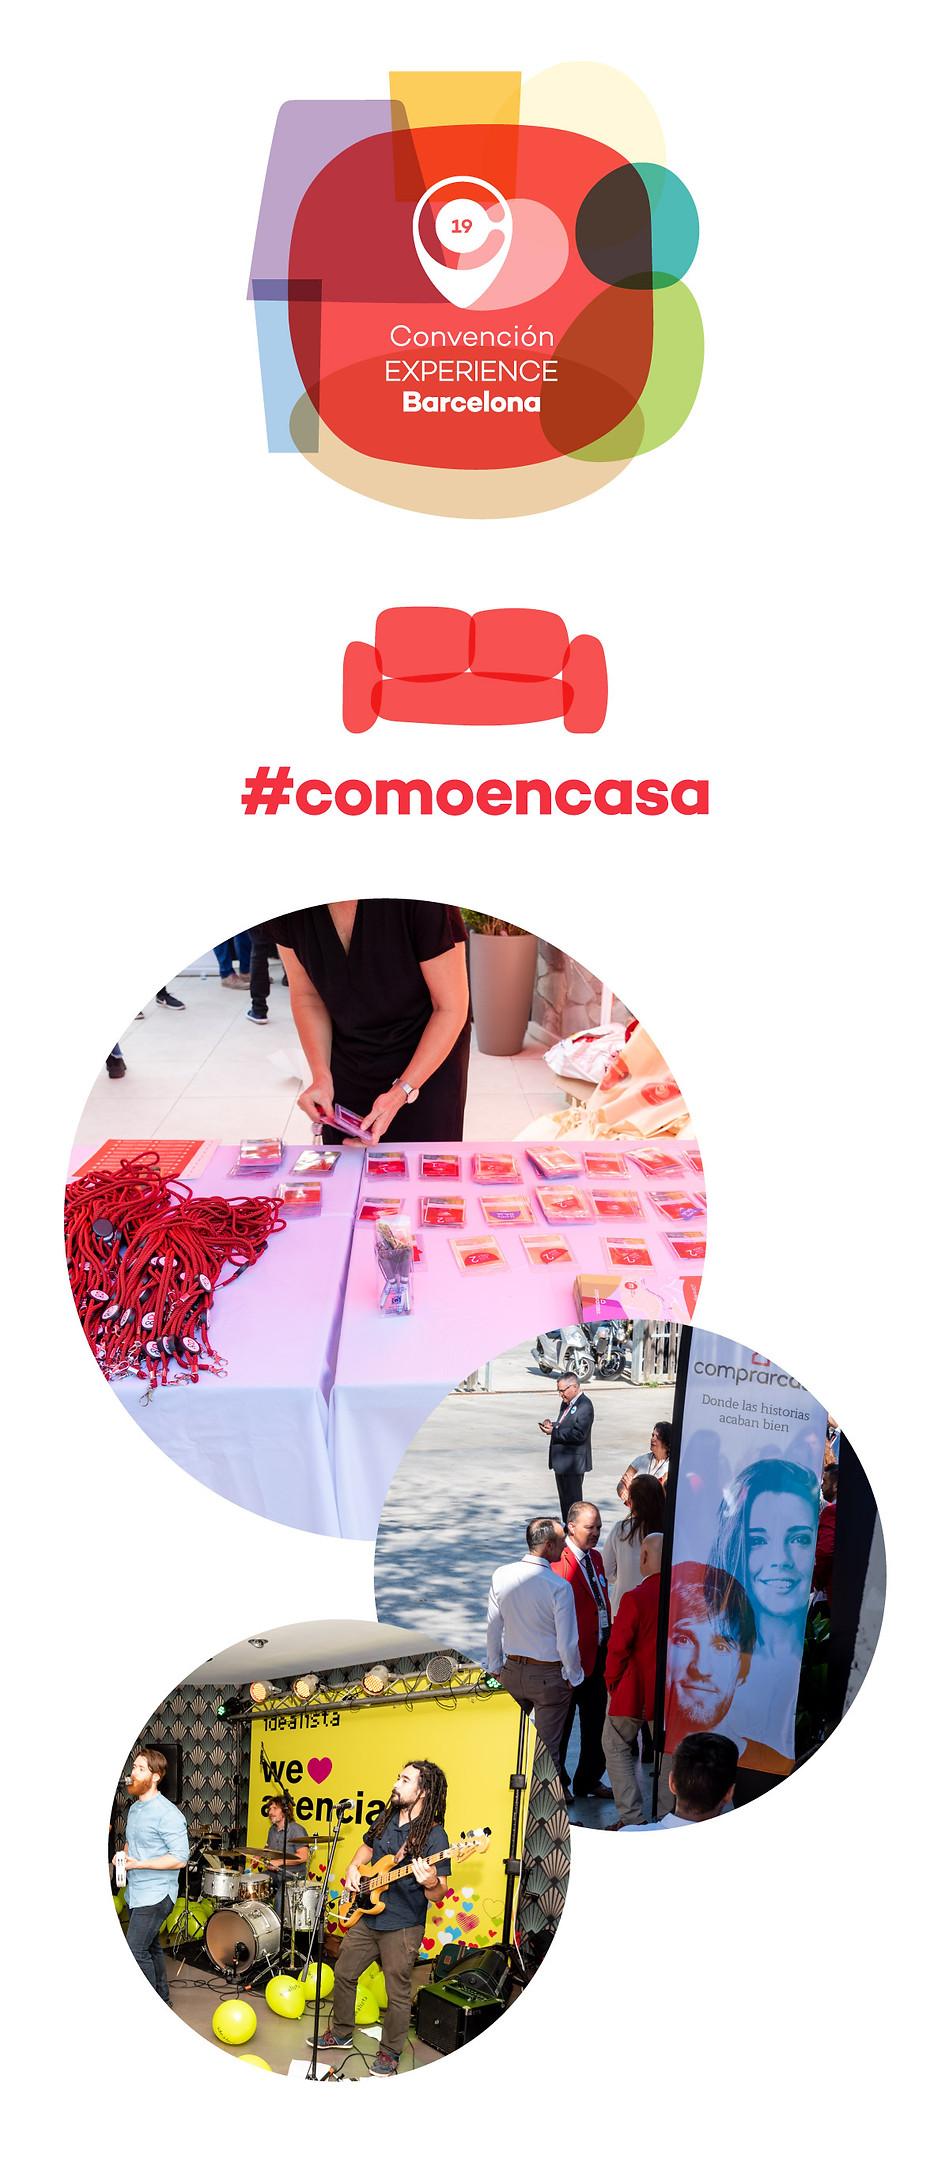 Eventos_convencion_experience.jpg